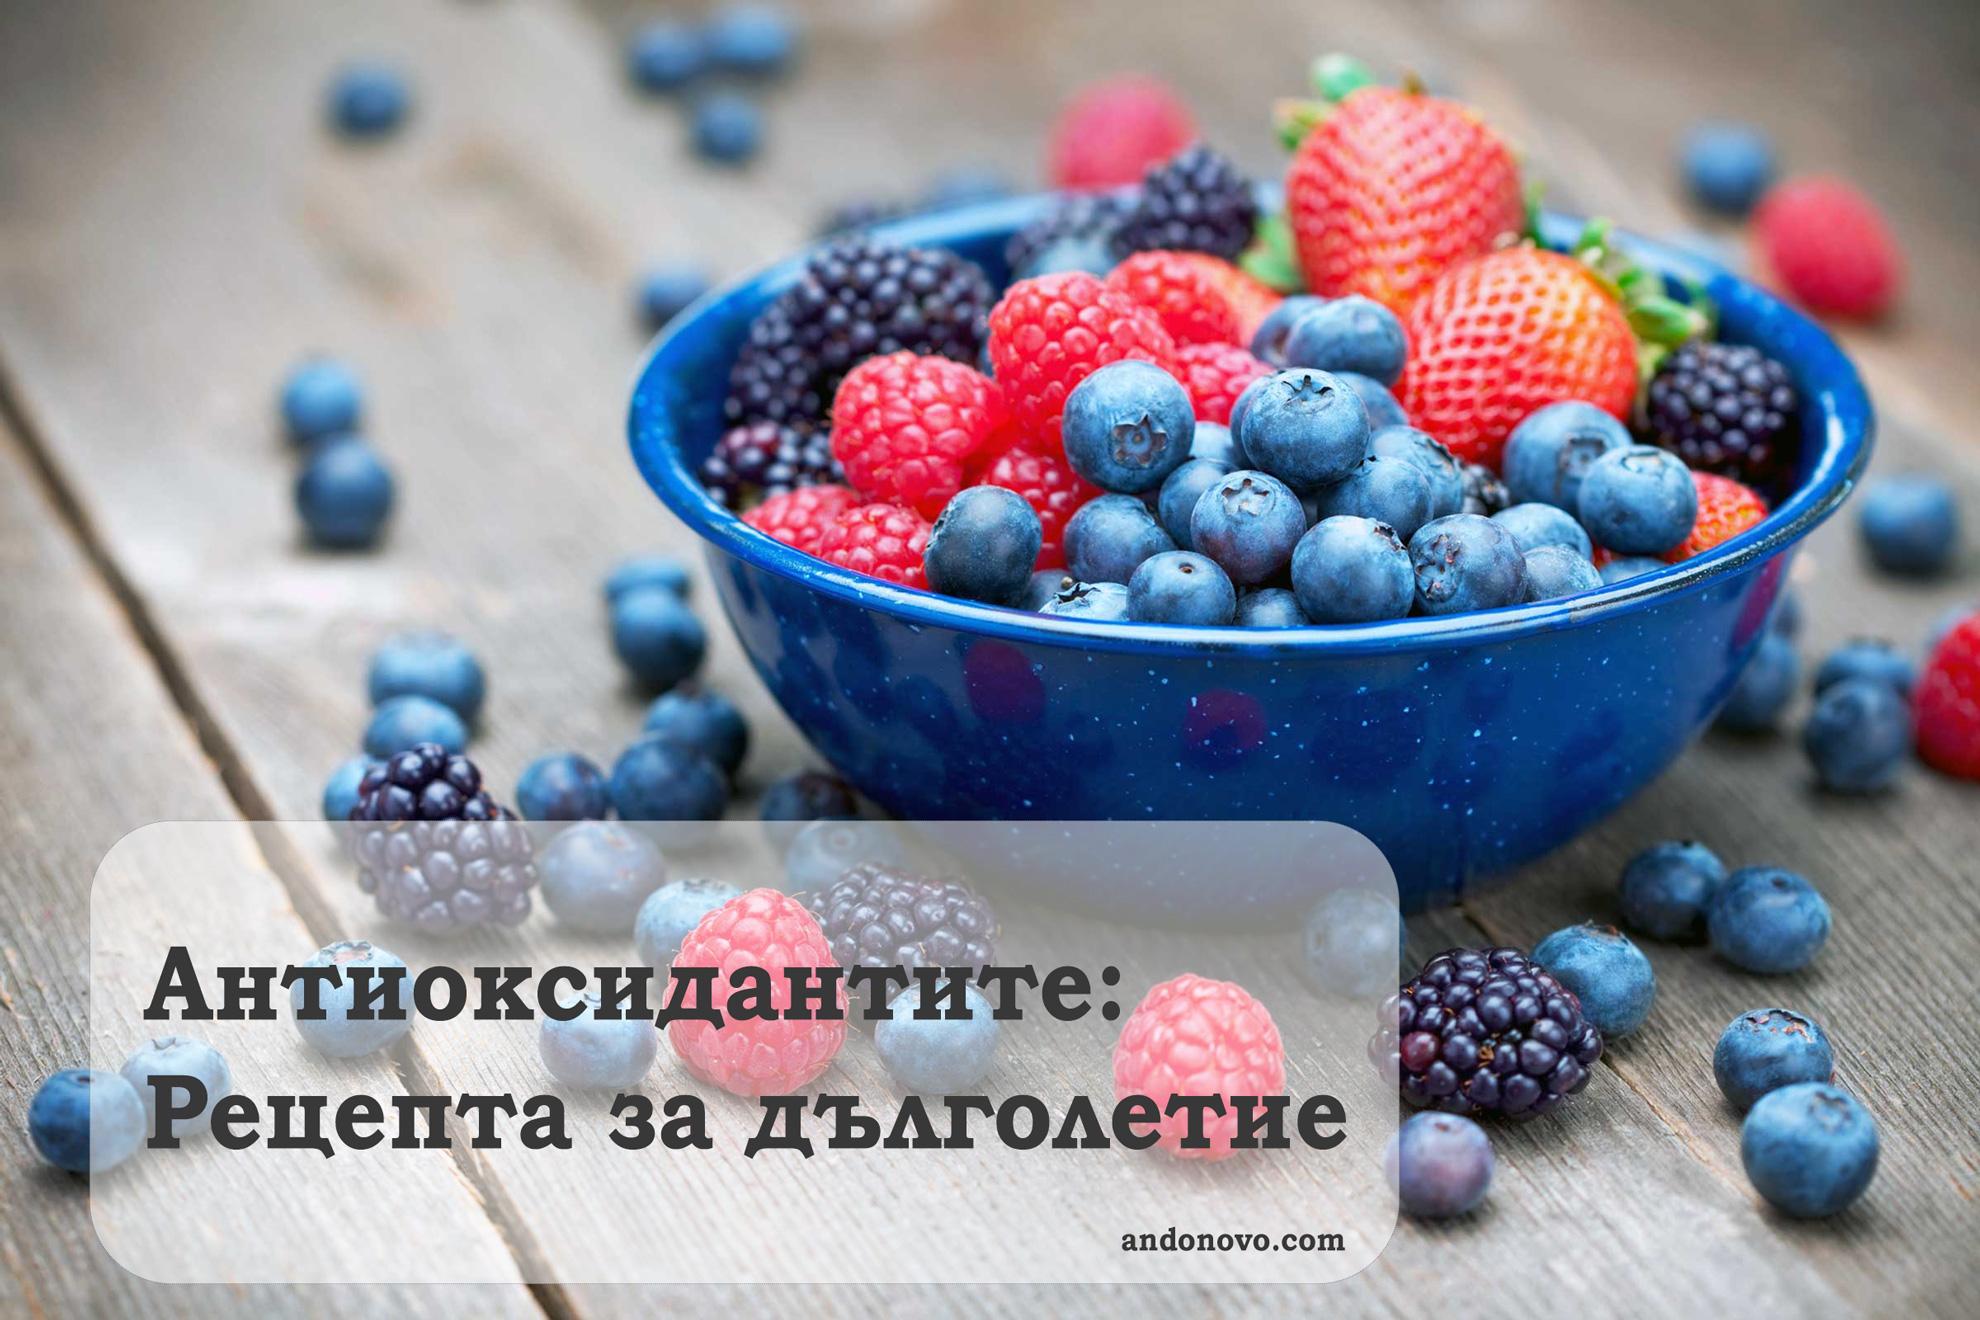 Антиоксидантите – рецепта за дълголетие